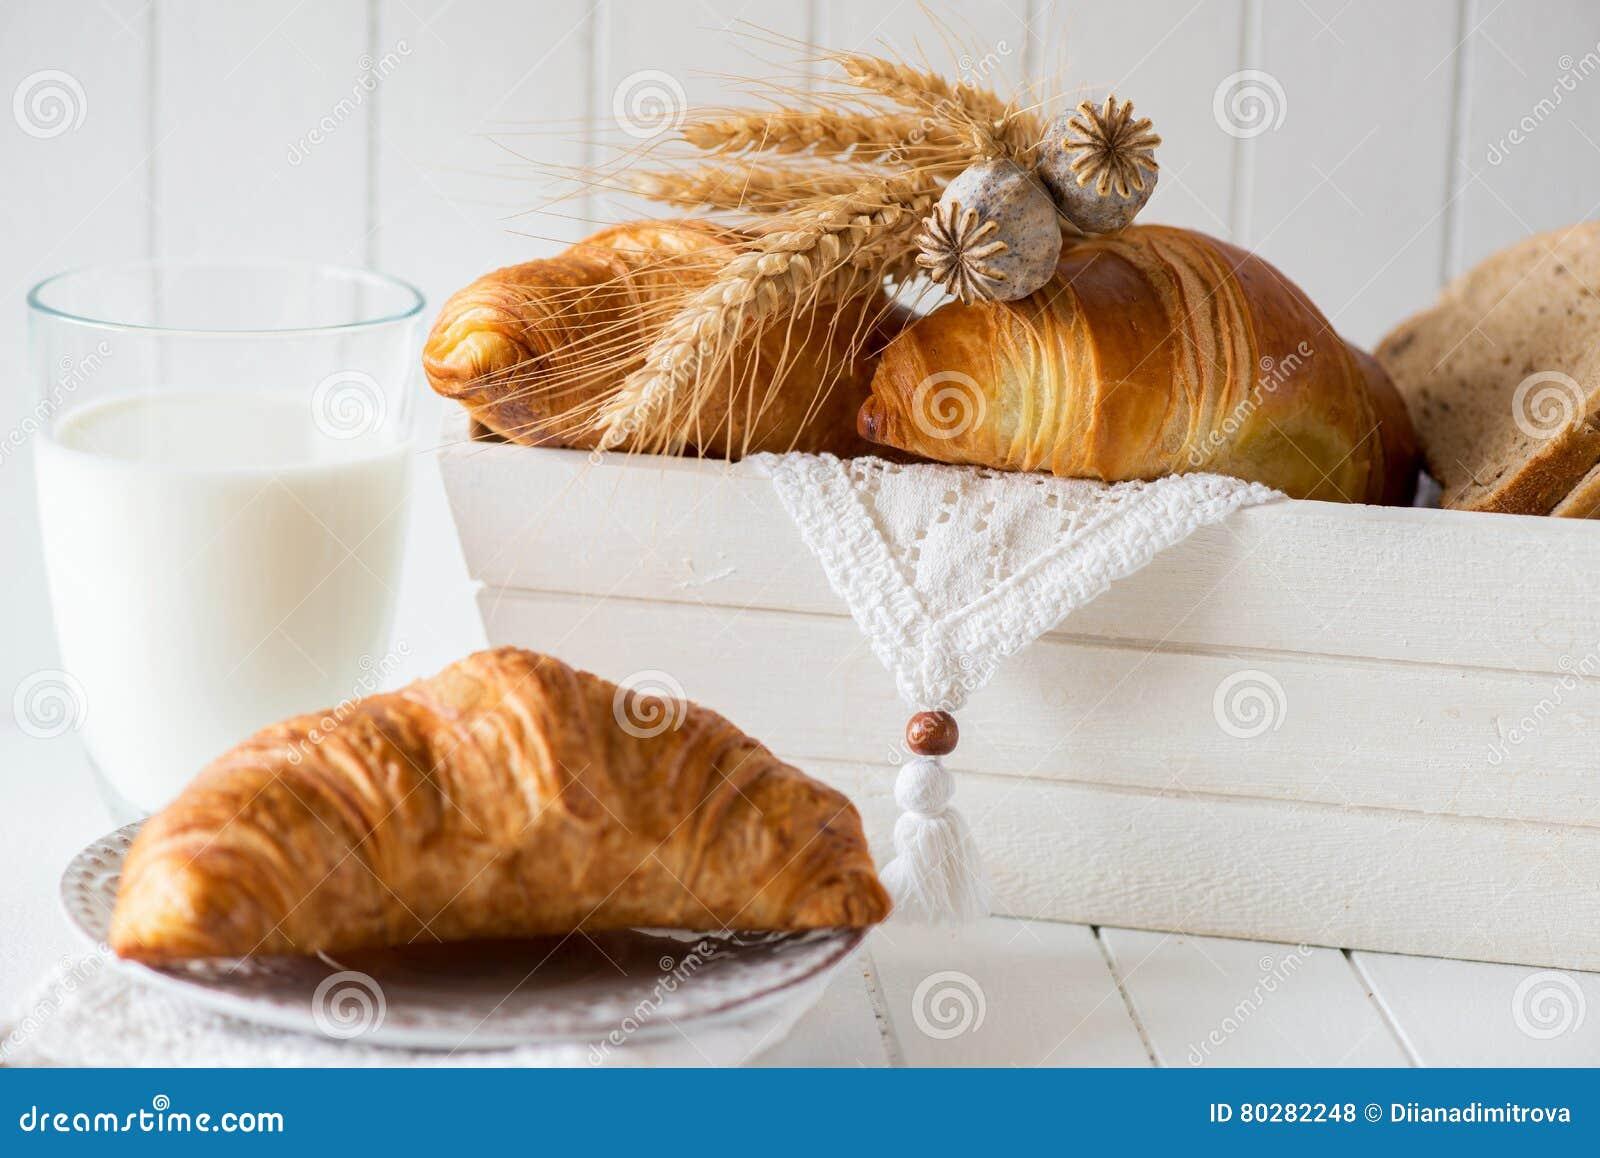 Ontbijt met vers Gebakken Croissants